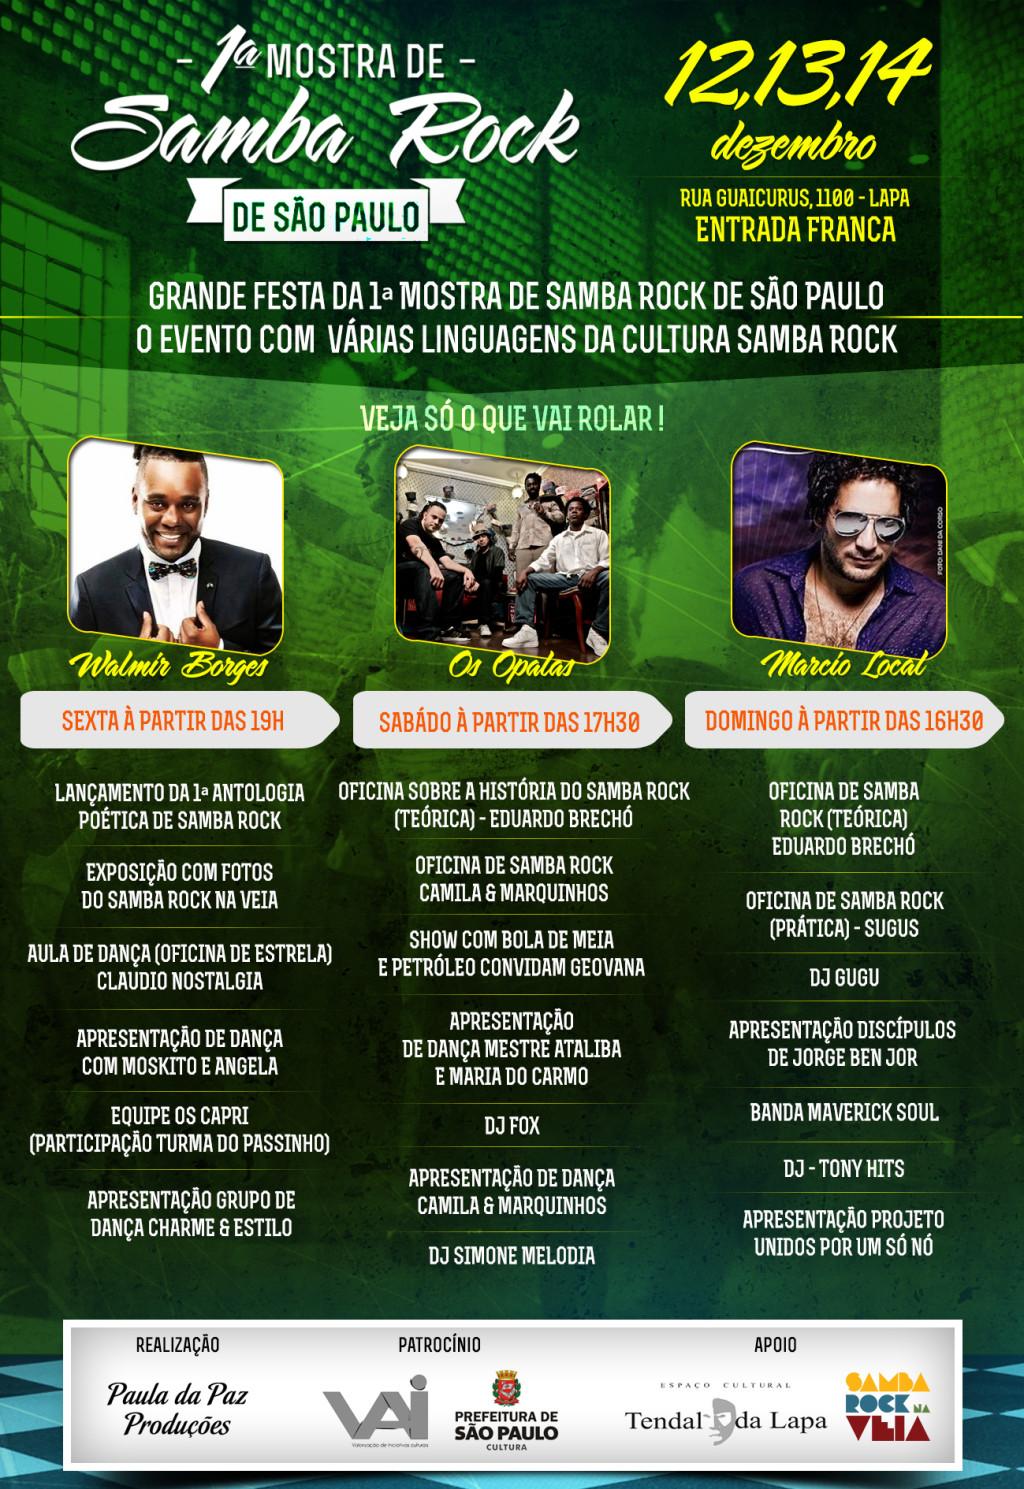 Mostra de Samba Rock traz Walmir Borges, Os Opalas, Bola de Meia, Geonava, DJs, literatura, outras atrações e muita cultura balançante